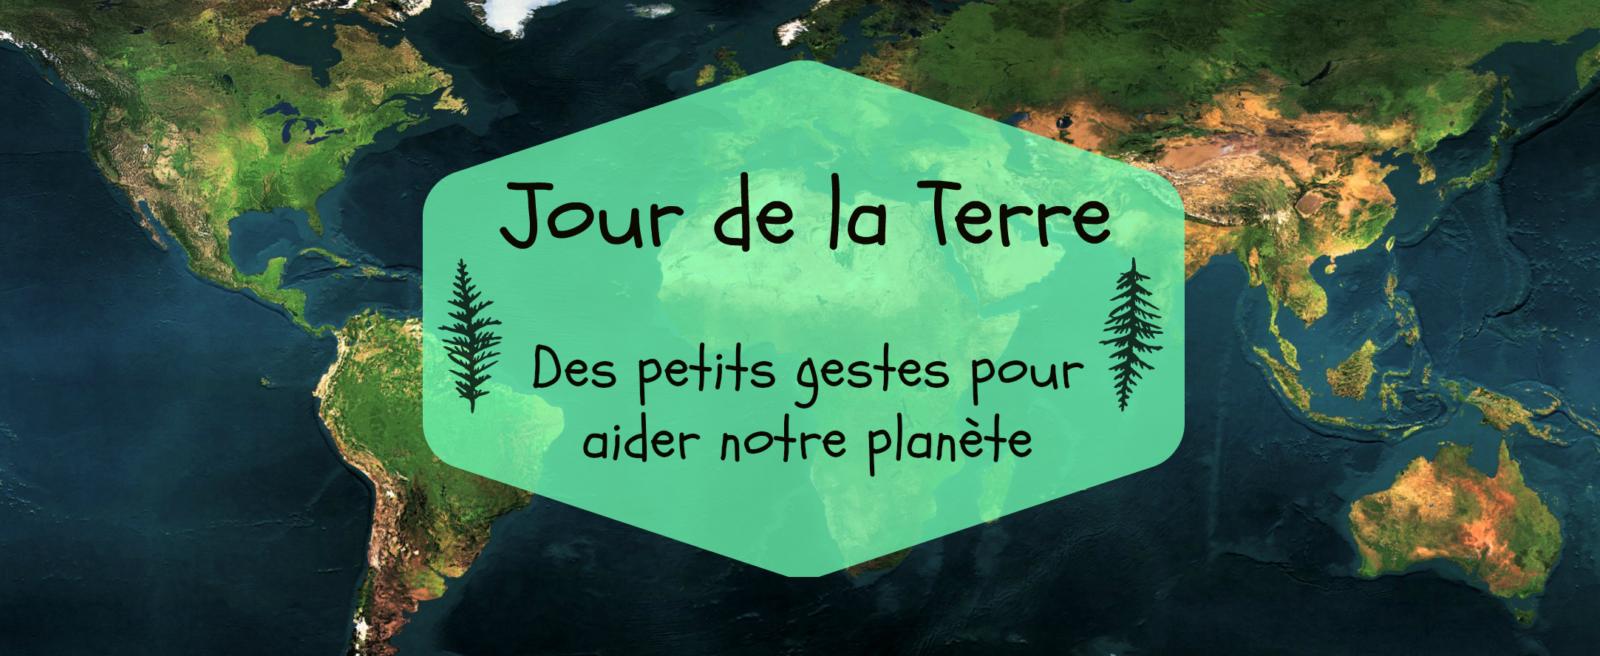 Jour de la Terre : des petits gestes pour aider notre planète